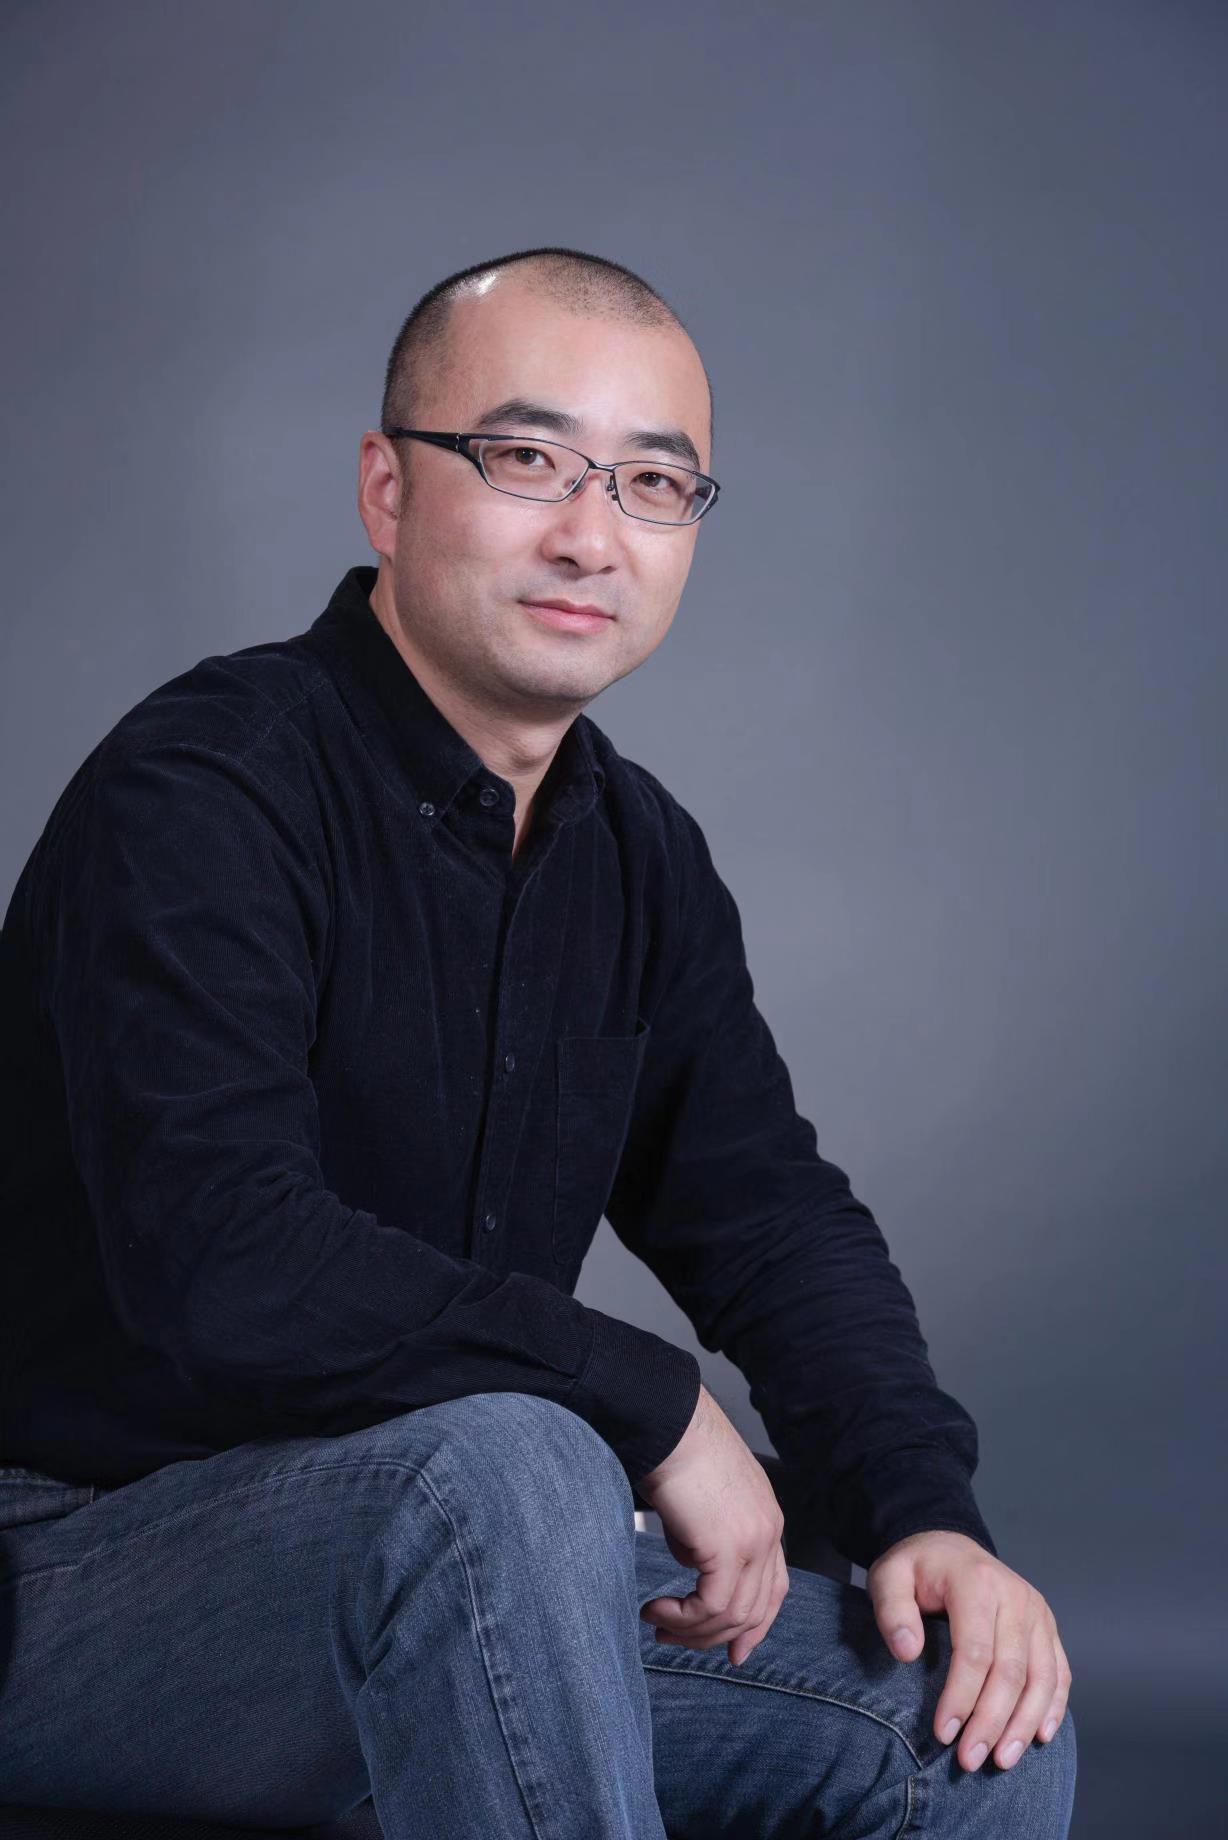 中国科学院北京基因组研究所硕士生导师;中国科学院精准基因组医学重点实验室副研究员,博士。曾在华大基因学习工作7年;HDBioSciences/药明康德16年研发工作经验。2015年度传染病专项首席科学家。承担和参与十一五、十二五多项重大新药药物靶点发现及化合物筛选平台建设项目、863肿瘤标志物研究项目、国自然重点和面上科研项目及科学院战略先导专项等项目。国家和浙江、福建等省自然科学基金委员会评审专家。Frontier in Immunology及多个杂志的编委,发表论文40余篇。研究领域:(1)功能基因组研究(药靶发现及验证);(2)药物筛选和发现;(3)肿瘤免疫及微进化研究。多项成果向社会应用转化中。